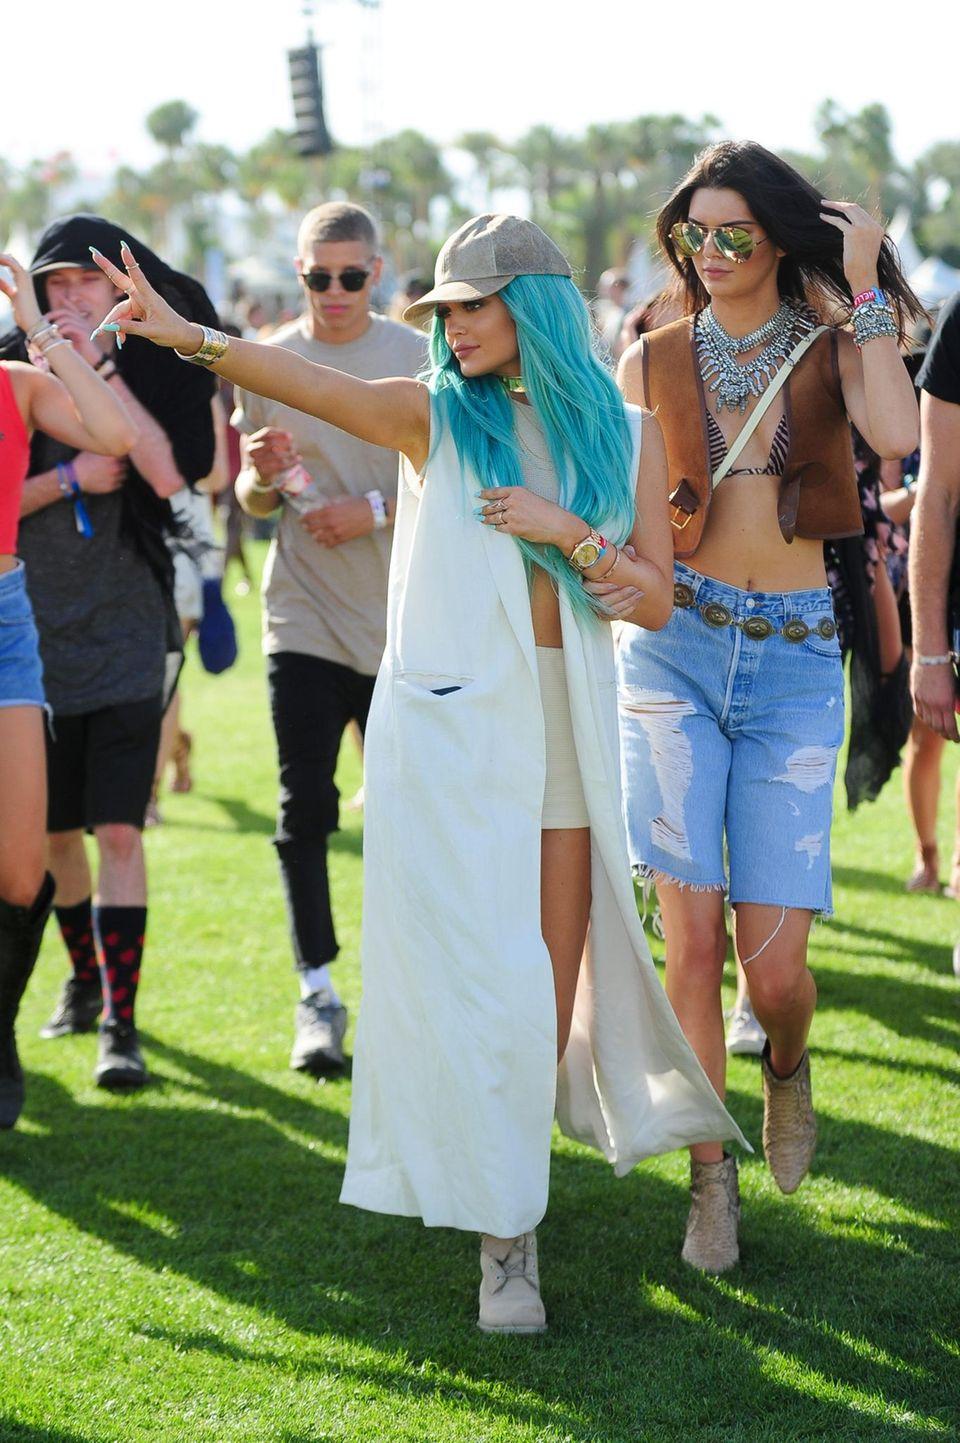 Kylie (l.) und Kendall Jenner sind auch beim Coachella-Festival in ständiger Begleitung von Freunden, Fans und Fotografen. Kein Wunder, Kylie präsentierte pünktlich zu Beginn des Festivals einen sehr auffälligen, neuen Look: die blaue Haarpracht.